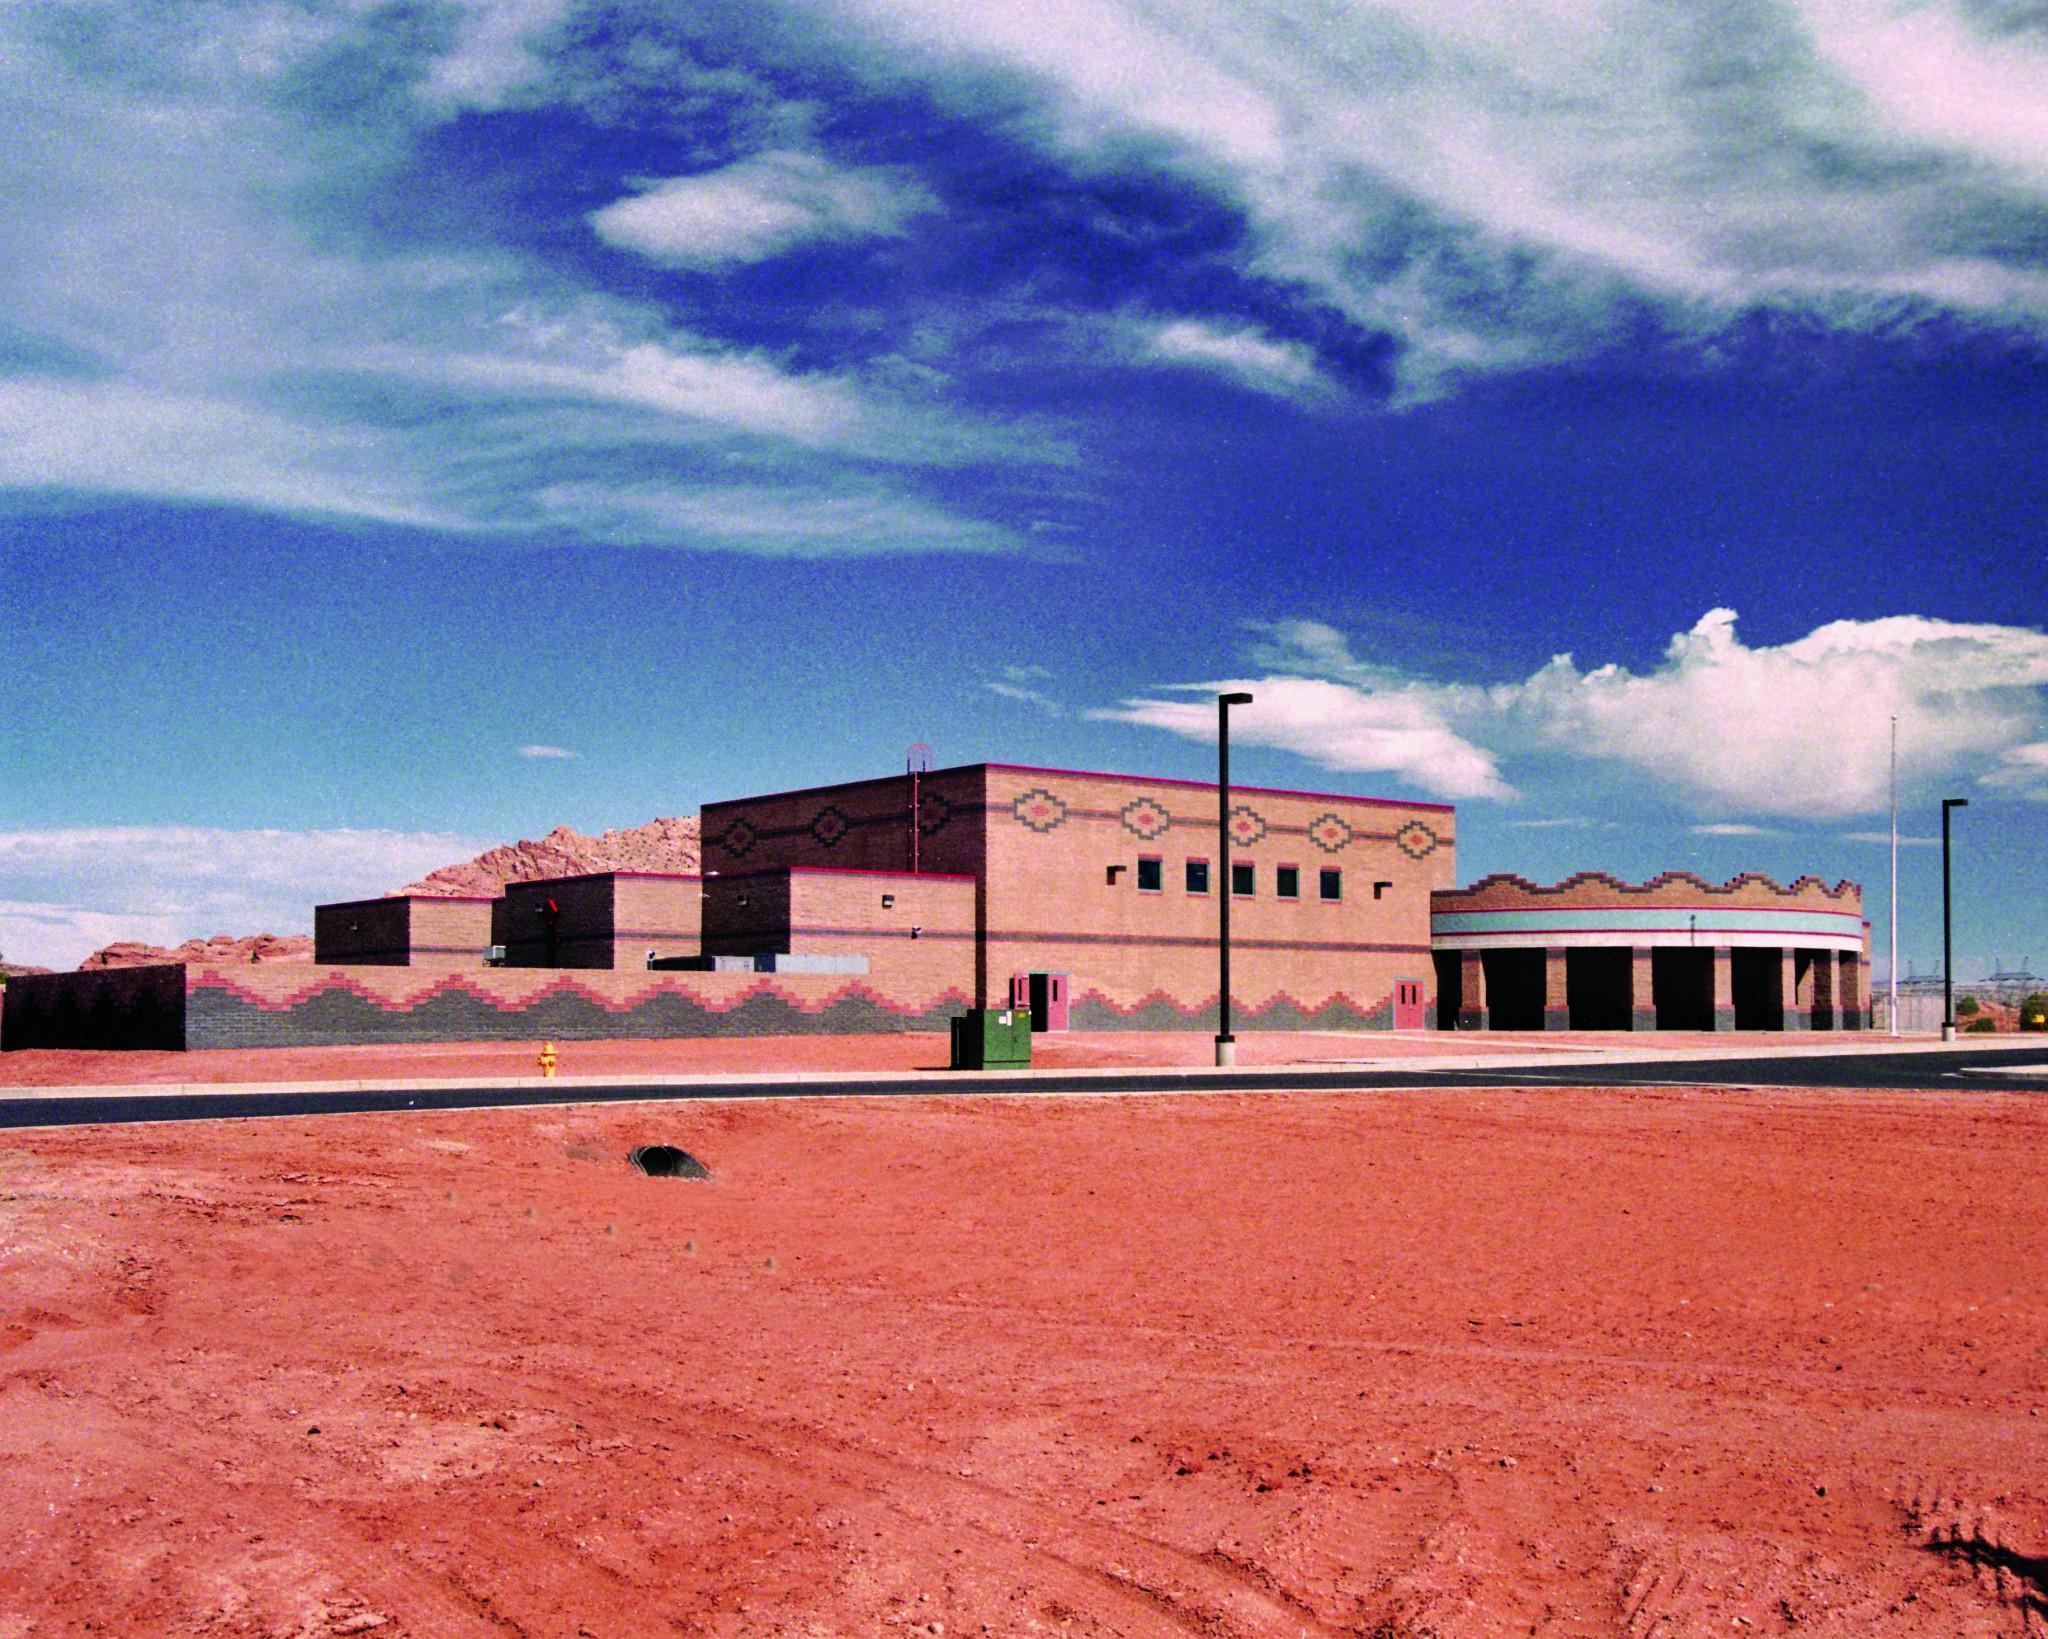 Tsinaabaas Ha'bitiin Elementary School